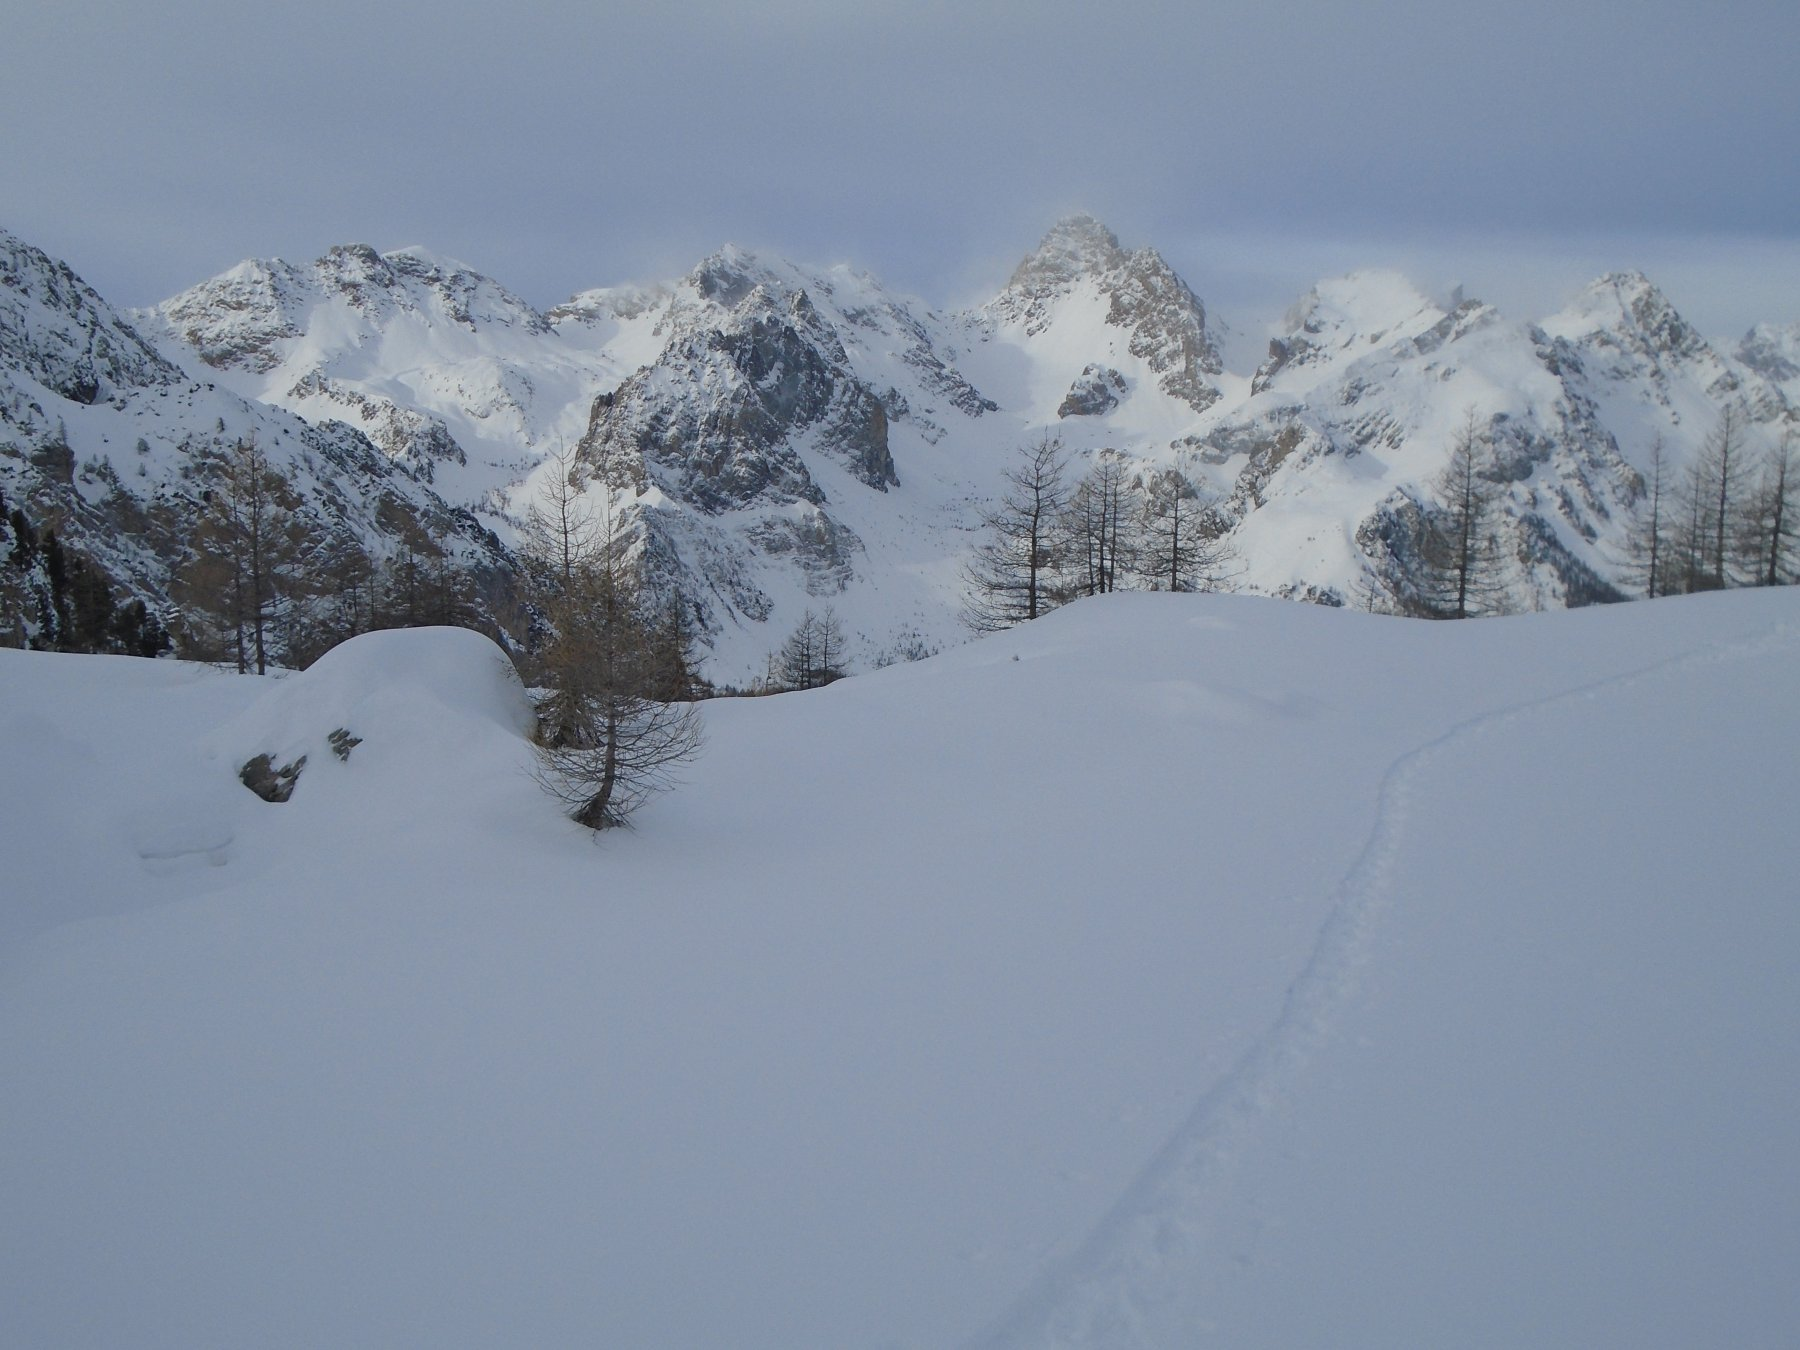 Parte opposta della valle: c'è già bufera su tutte le cime